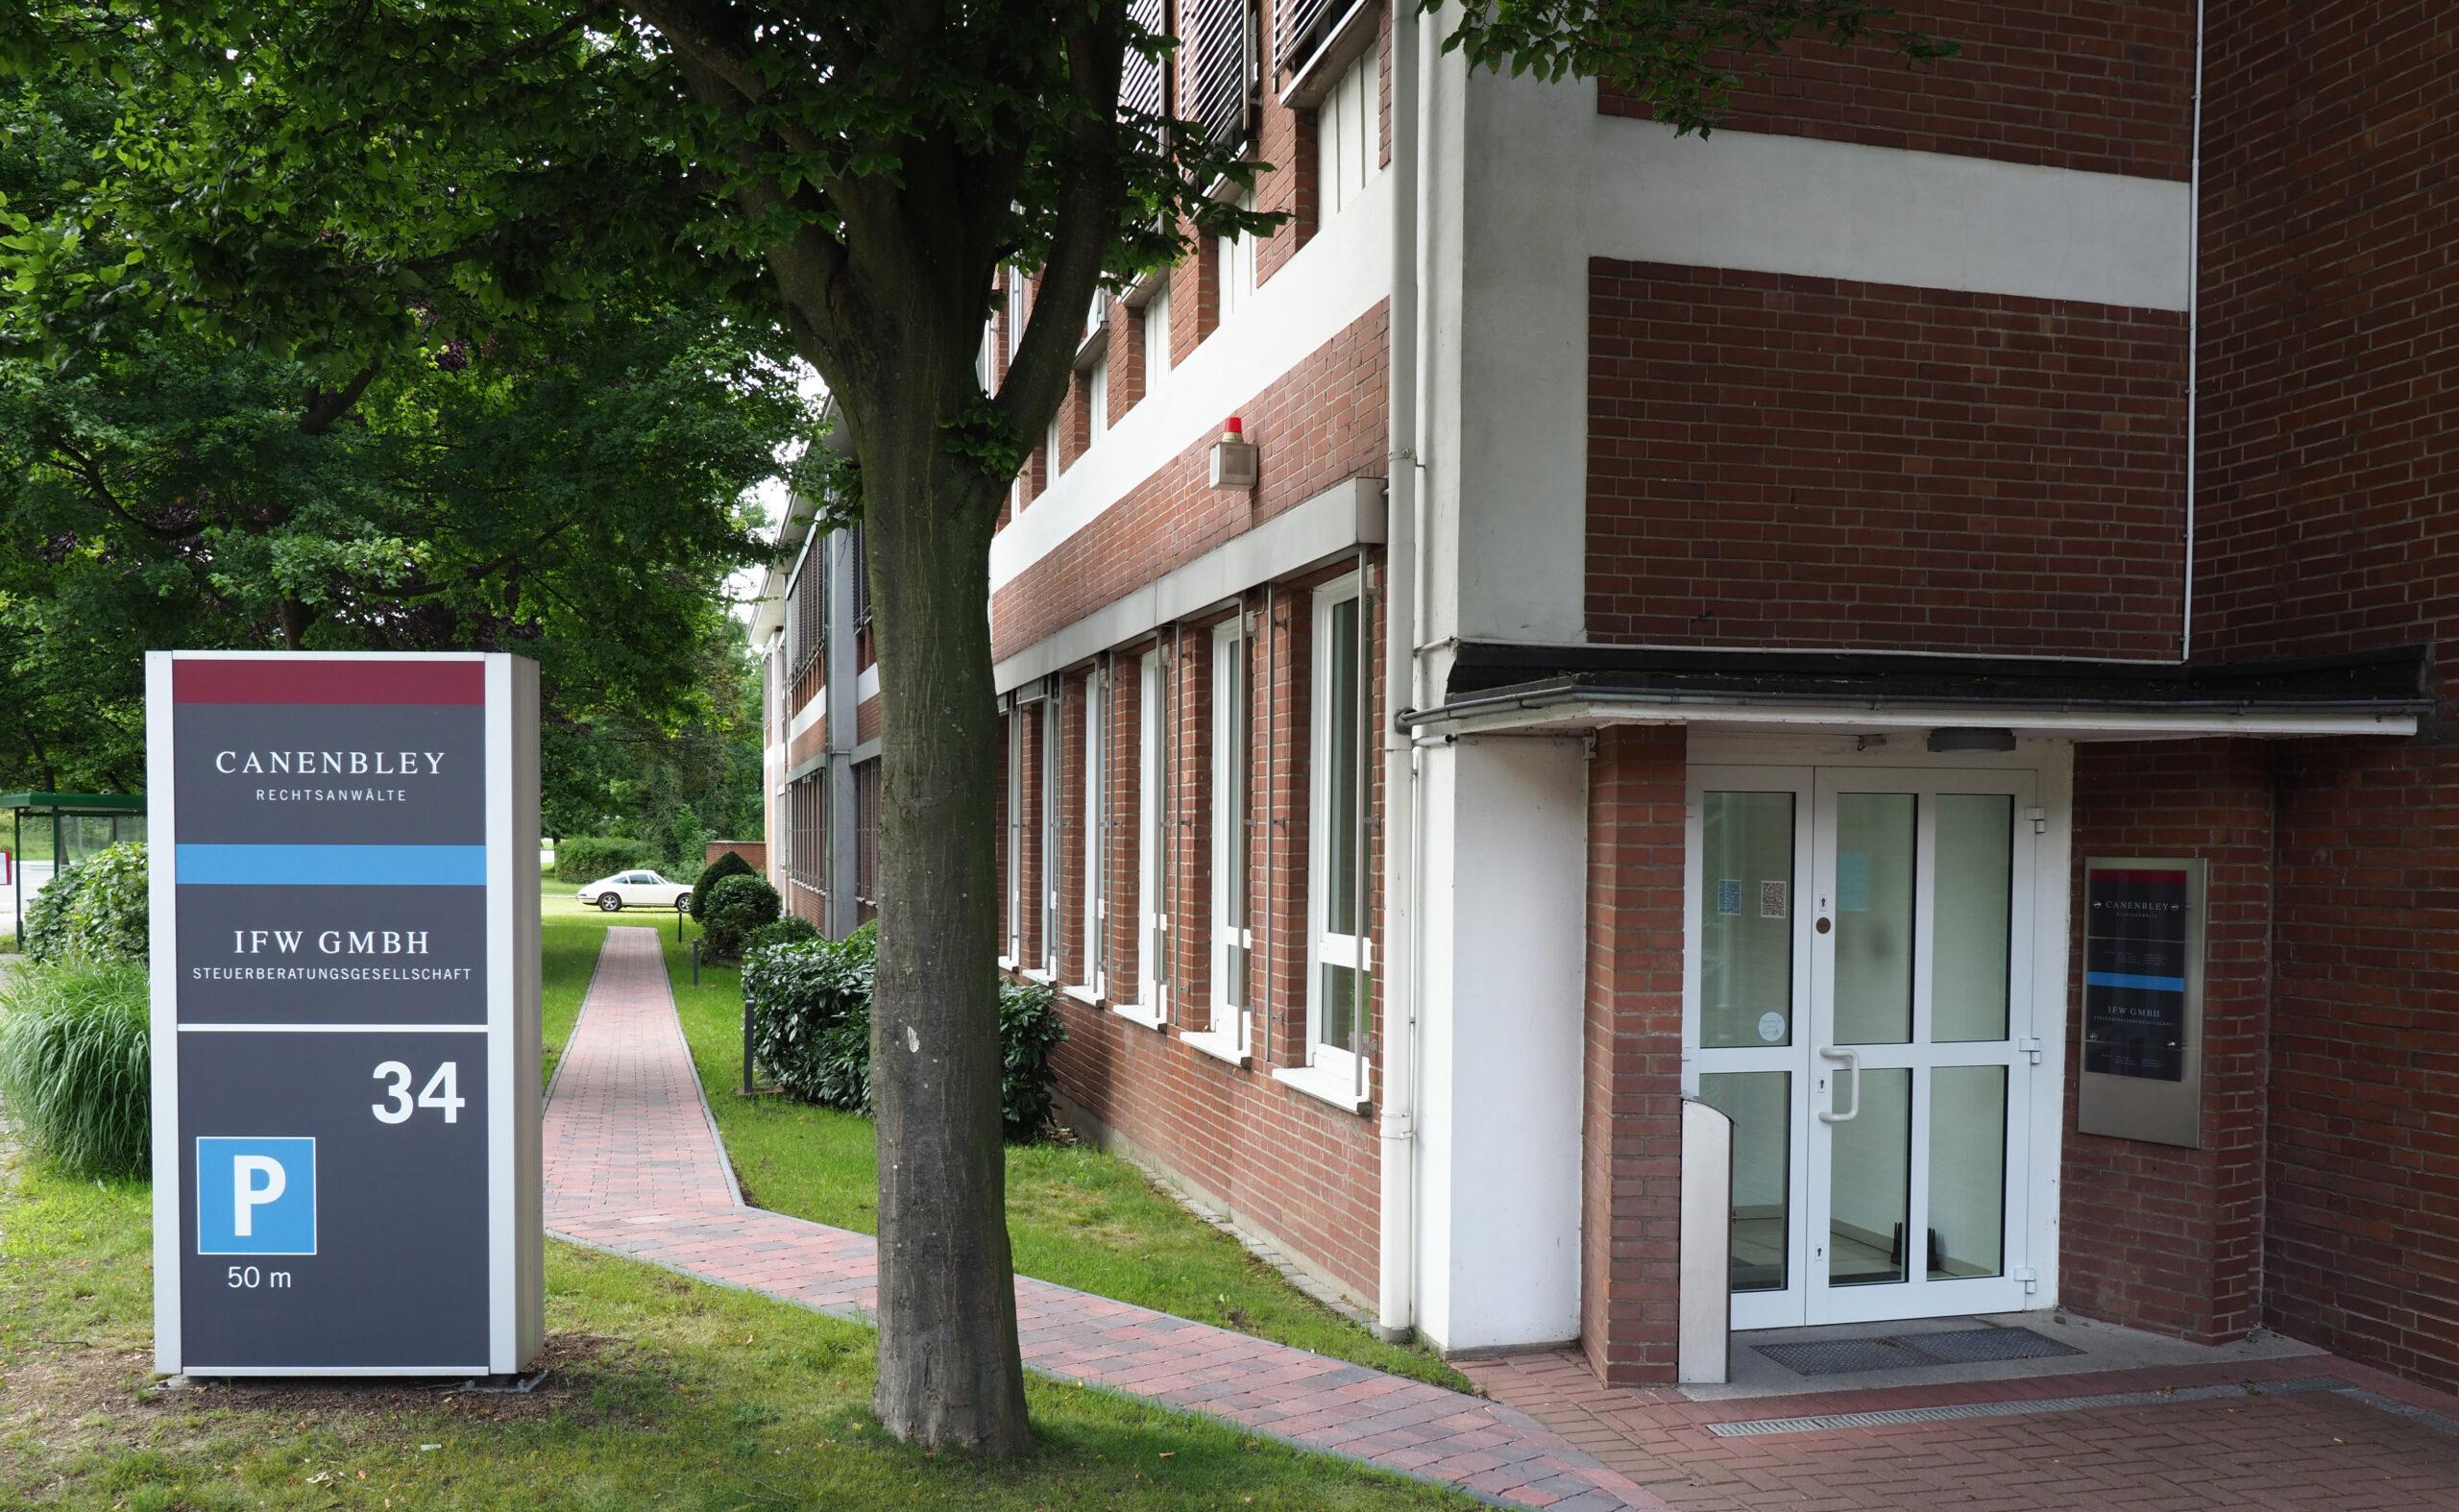 IFW GmbH Eingangsbereich Georgsmarienhütte